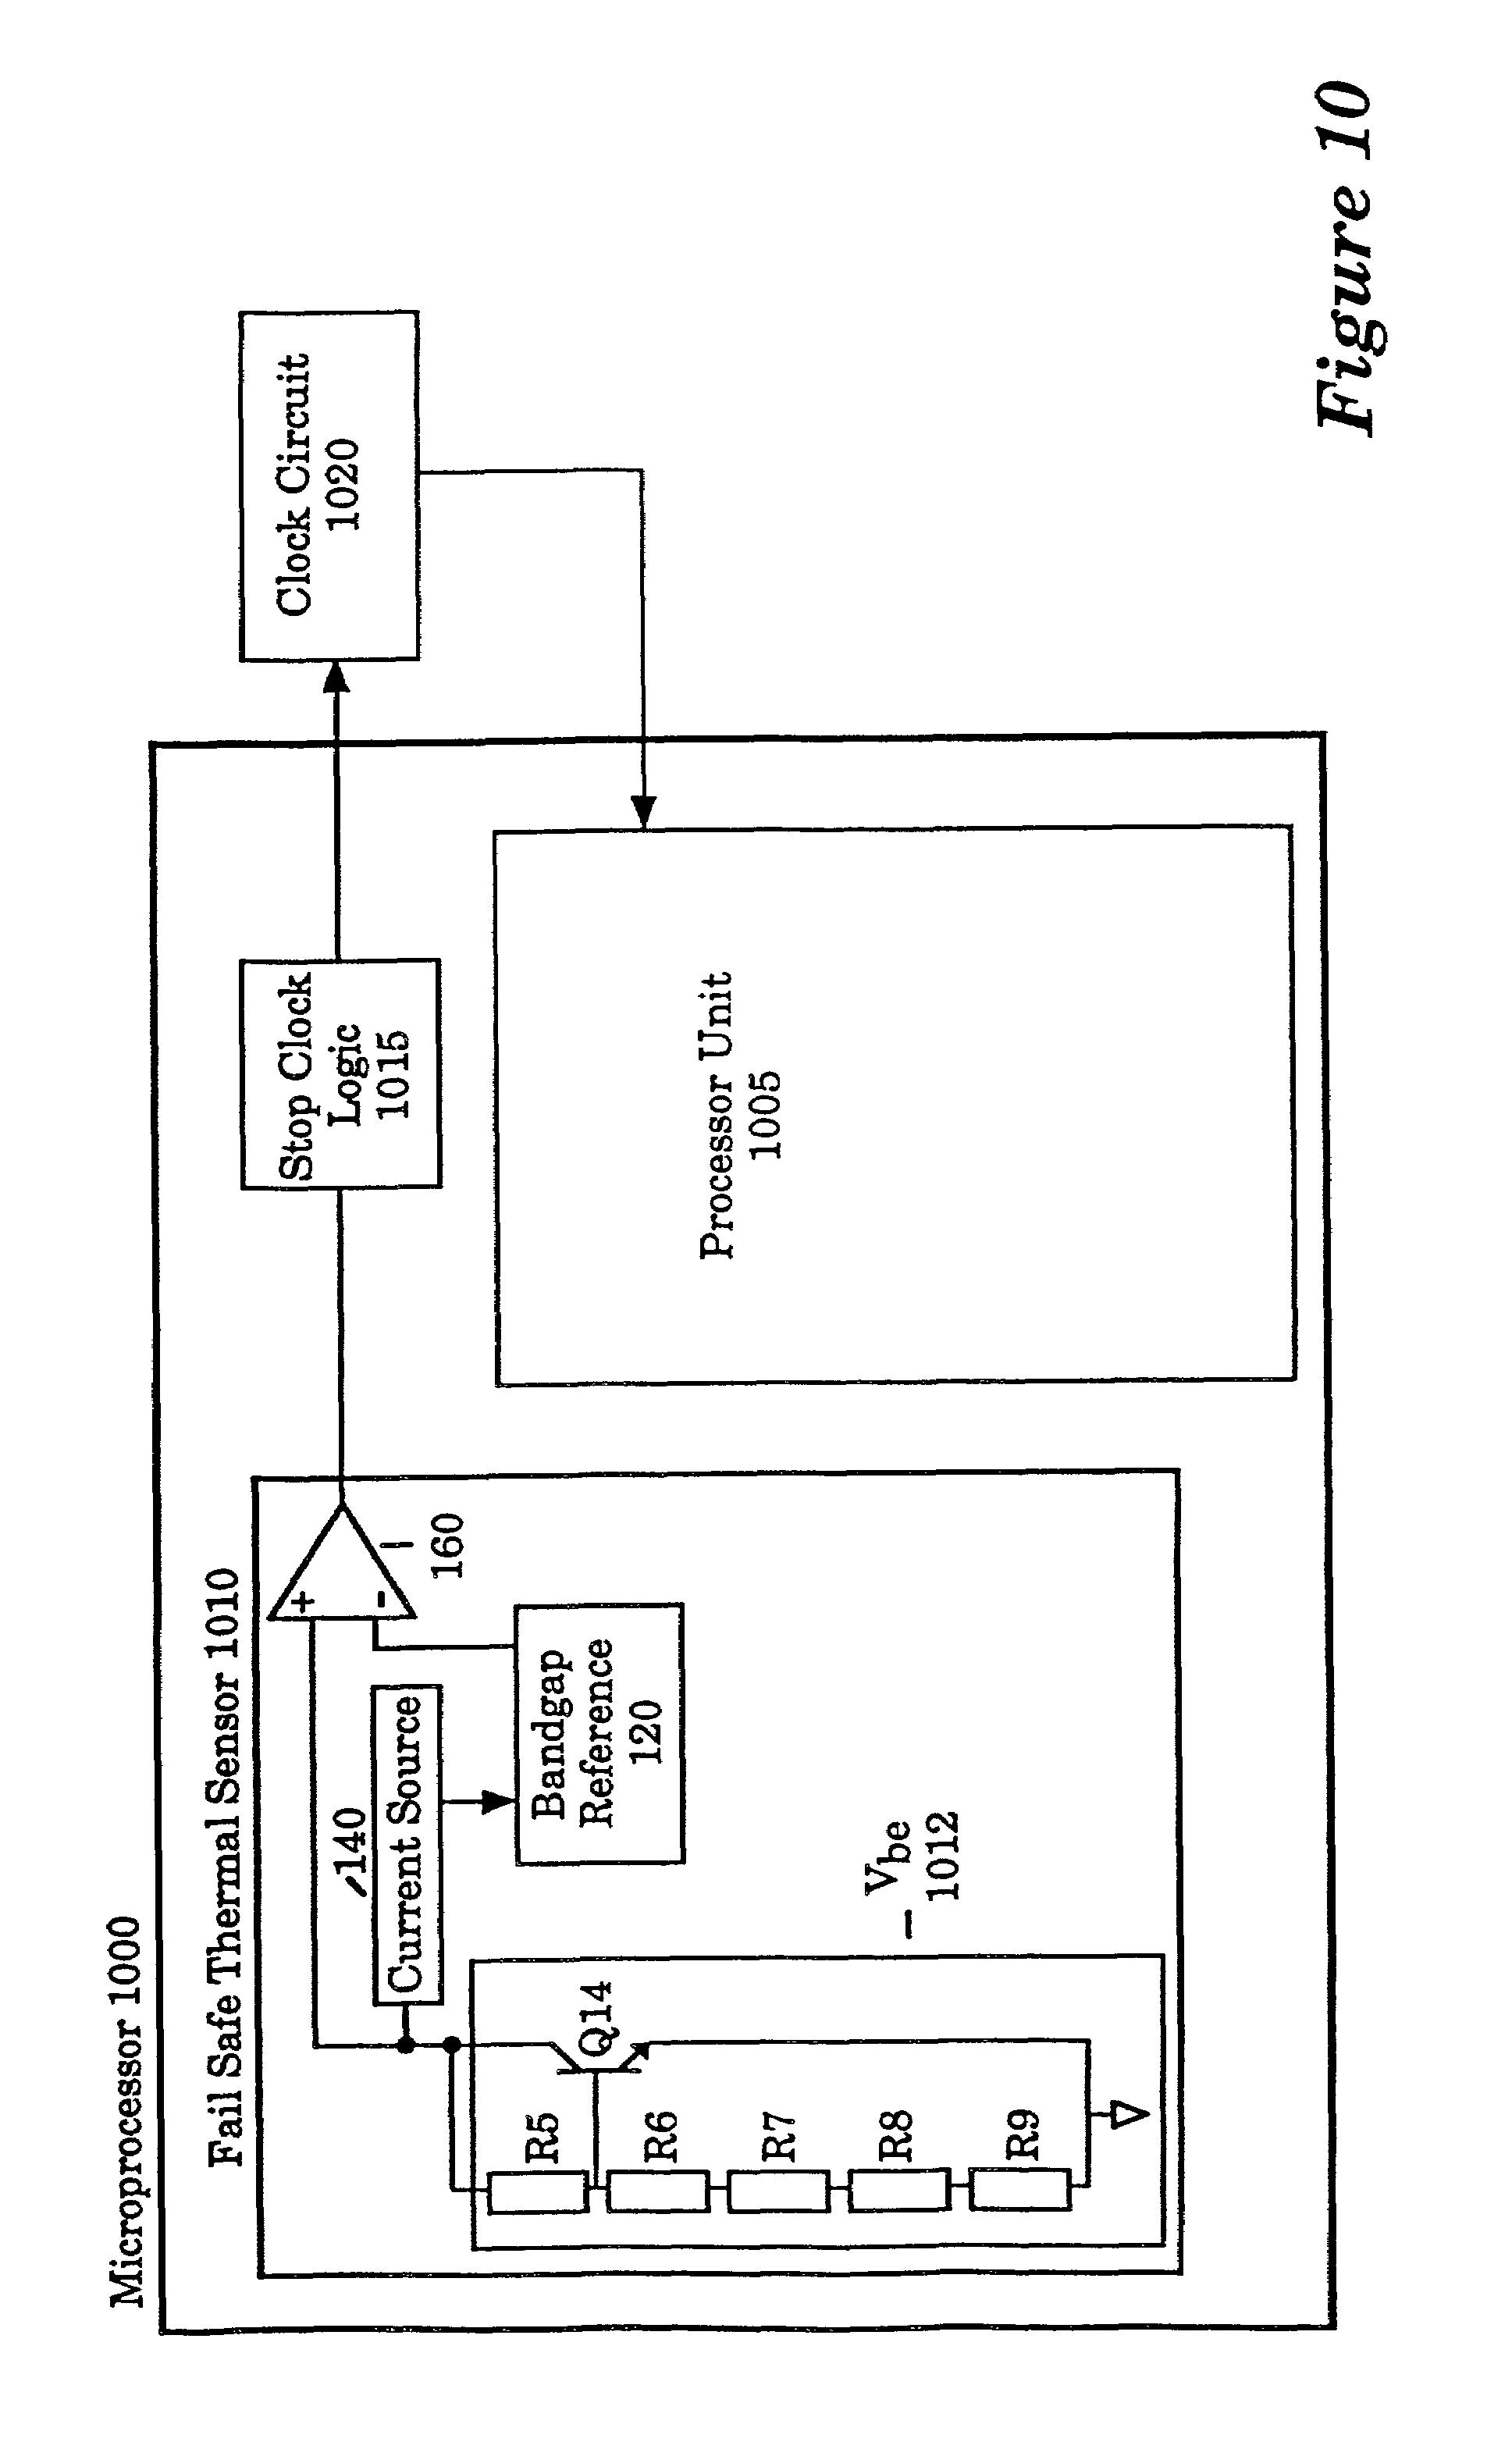 patent us7228508